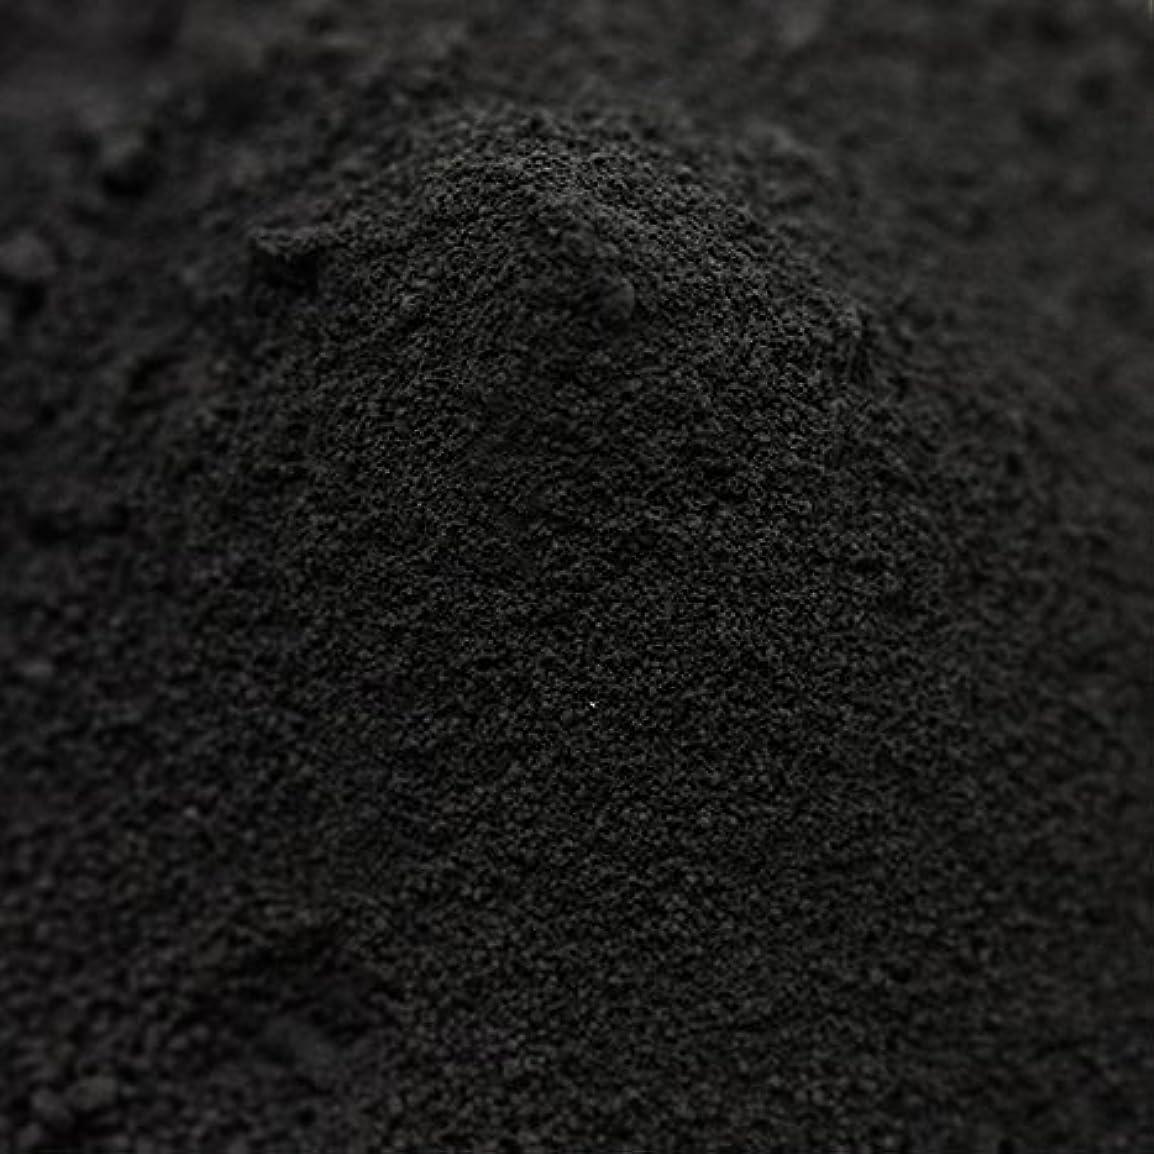 アストロラーベ西浪費竹炭パウダー(超微粉末) 20g 【手作り石鹸/手作りコスメに】